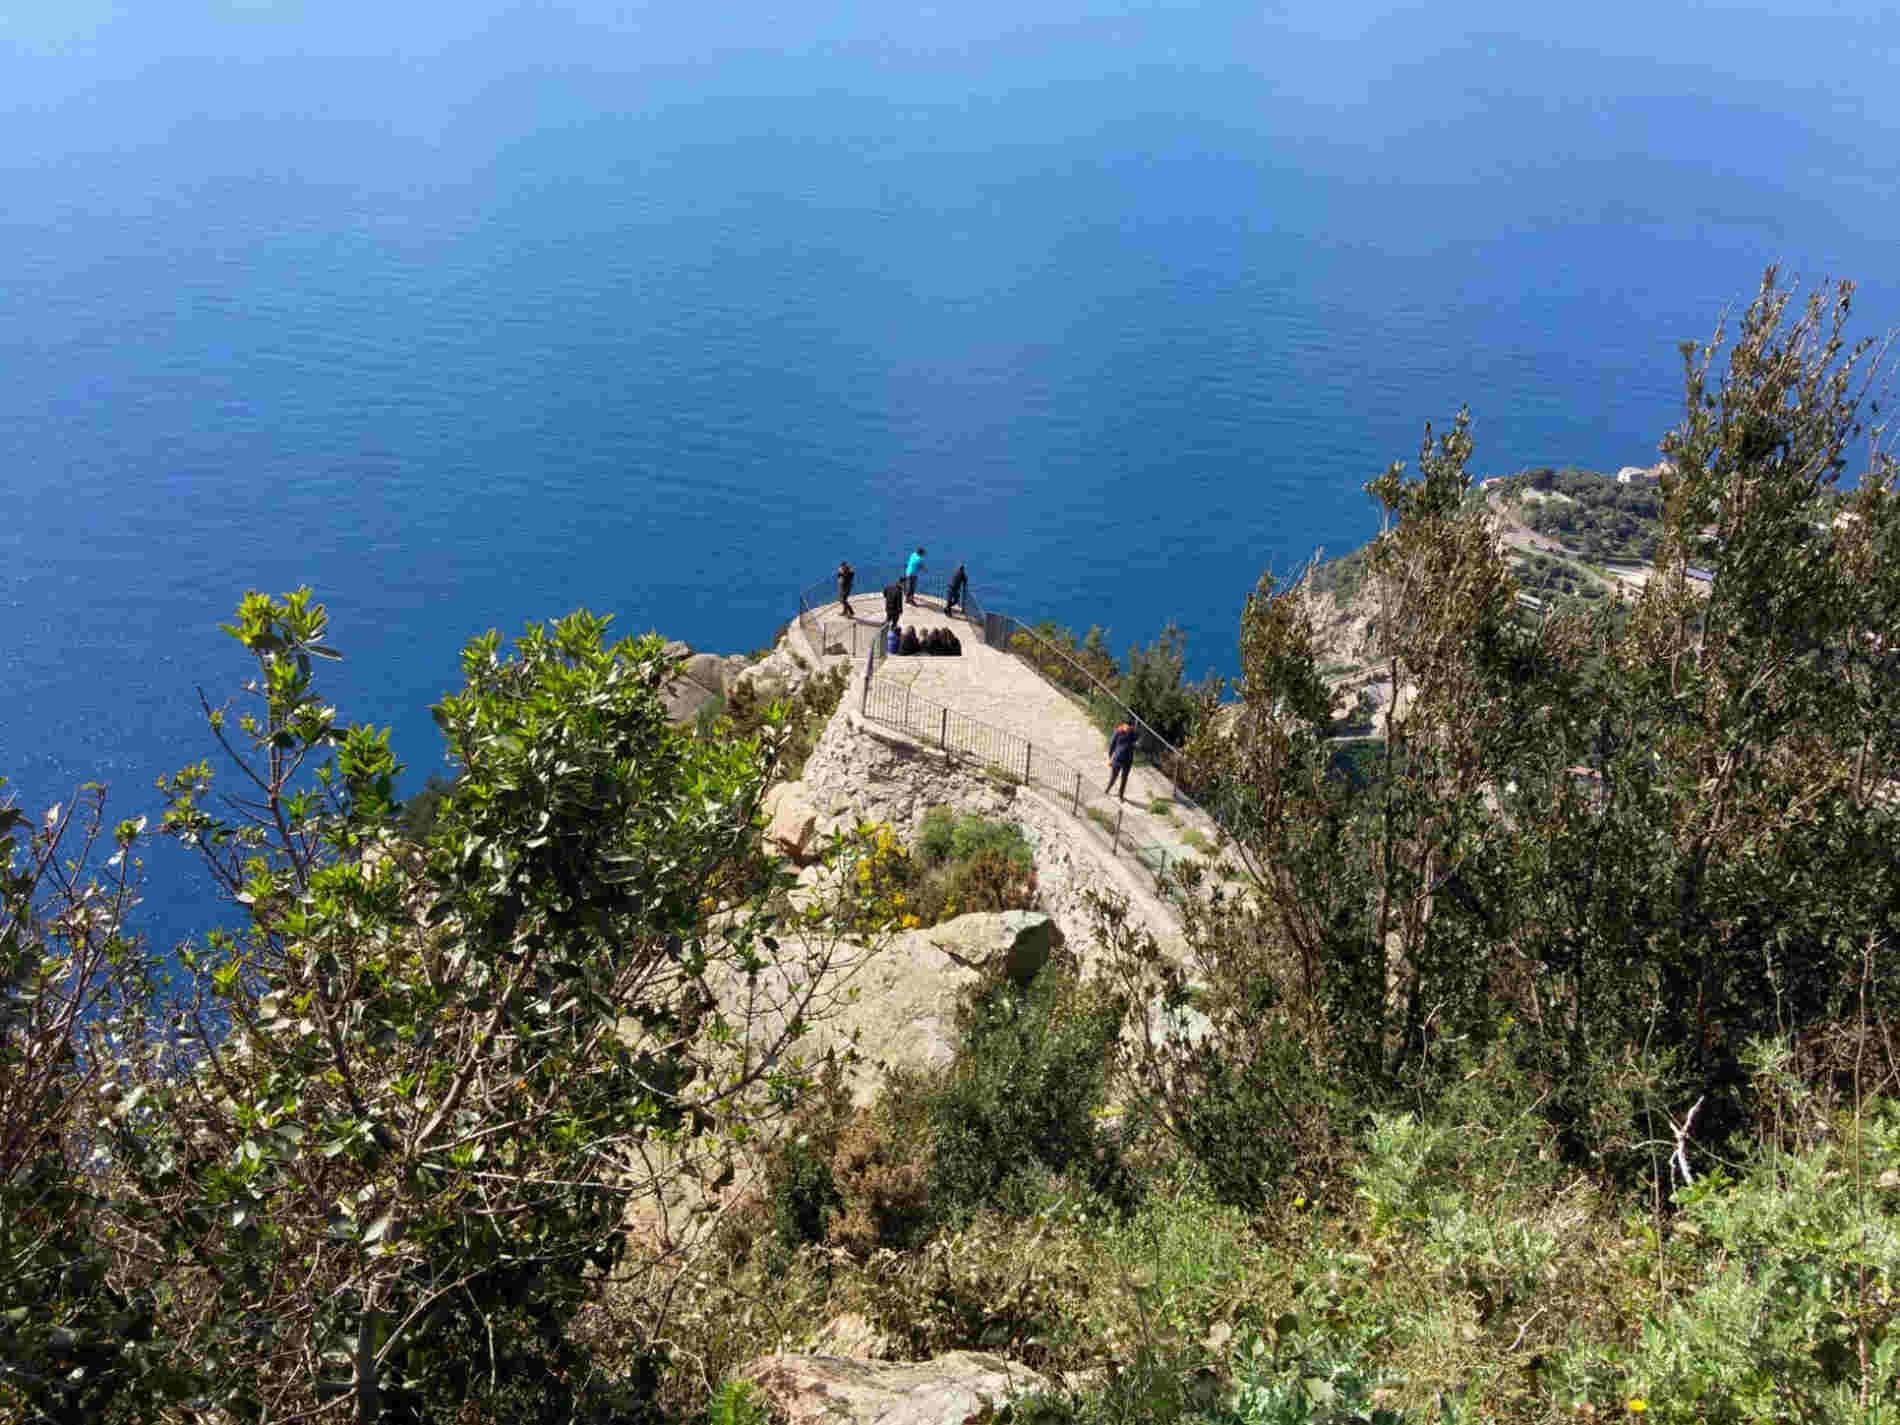 Balcone sulla Costa viola a Palmi da Monte Sant'Elia